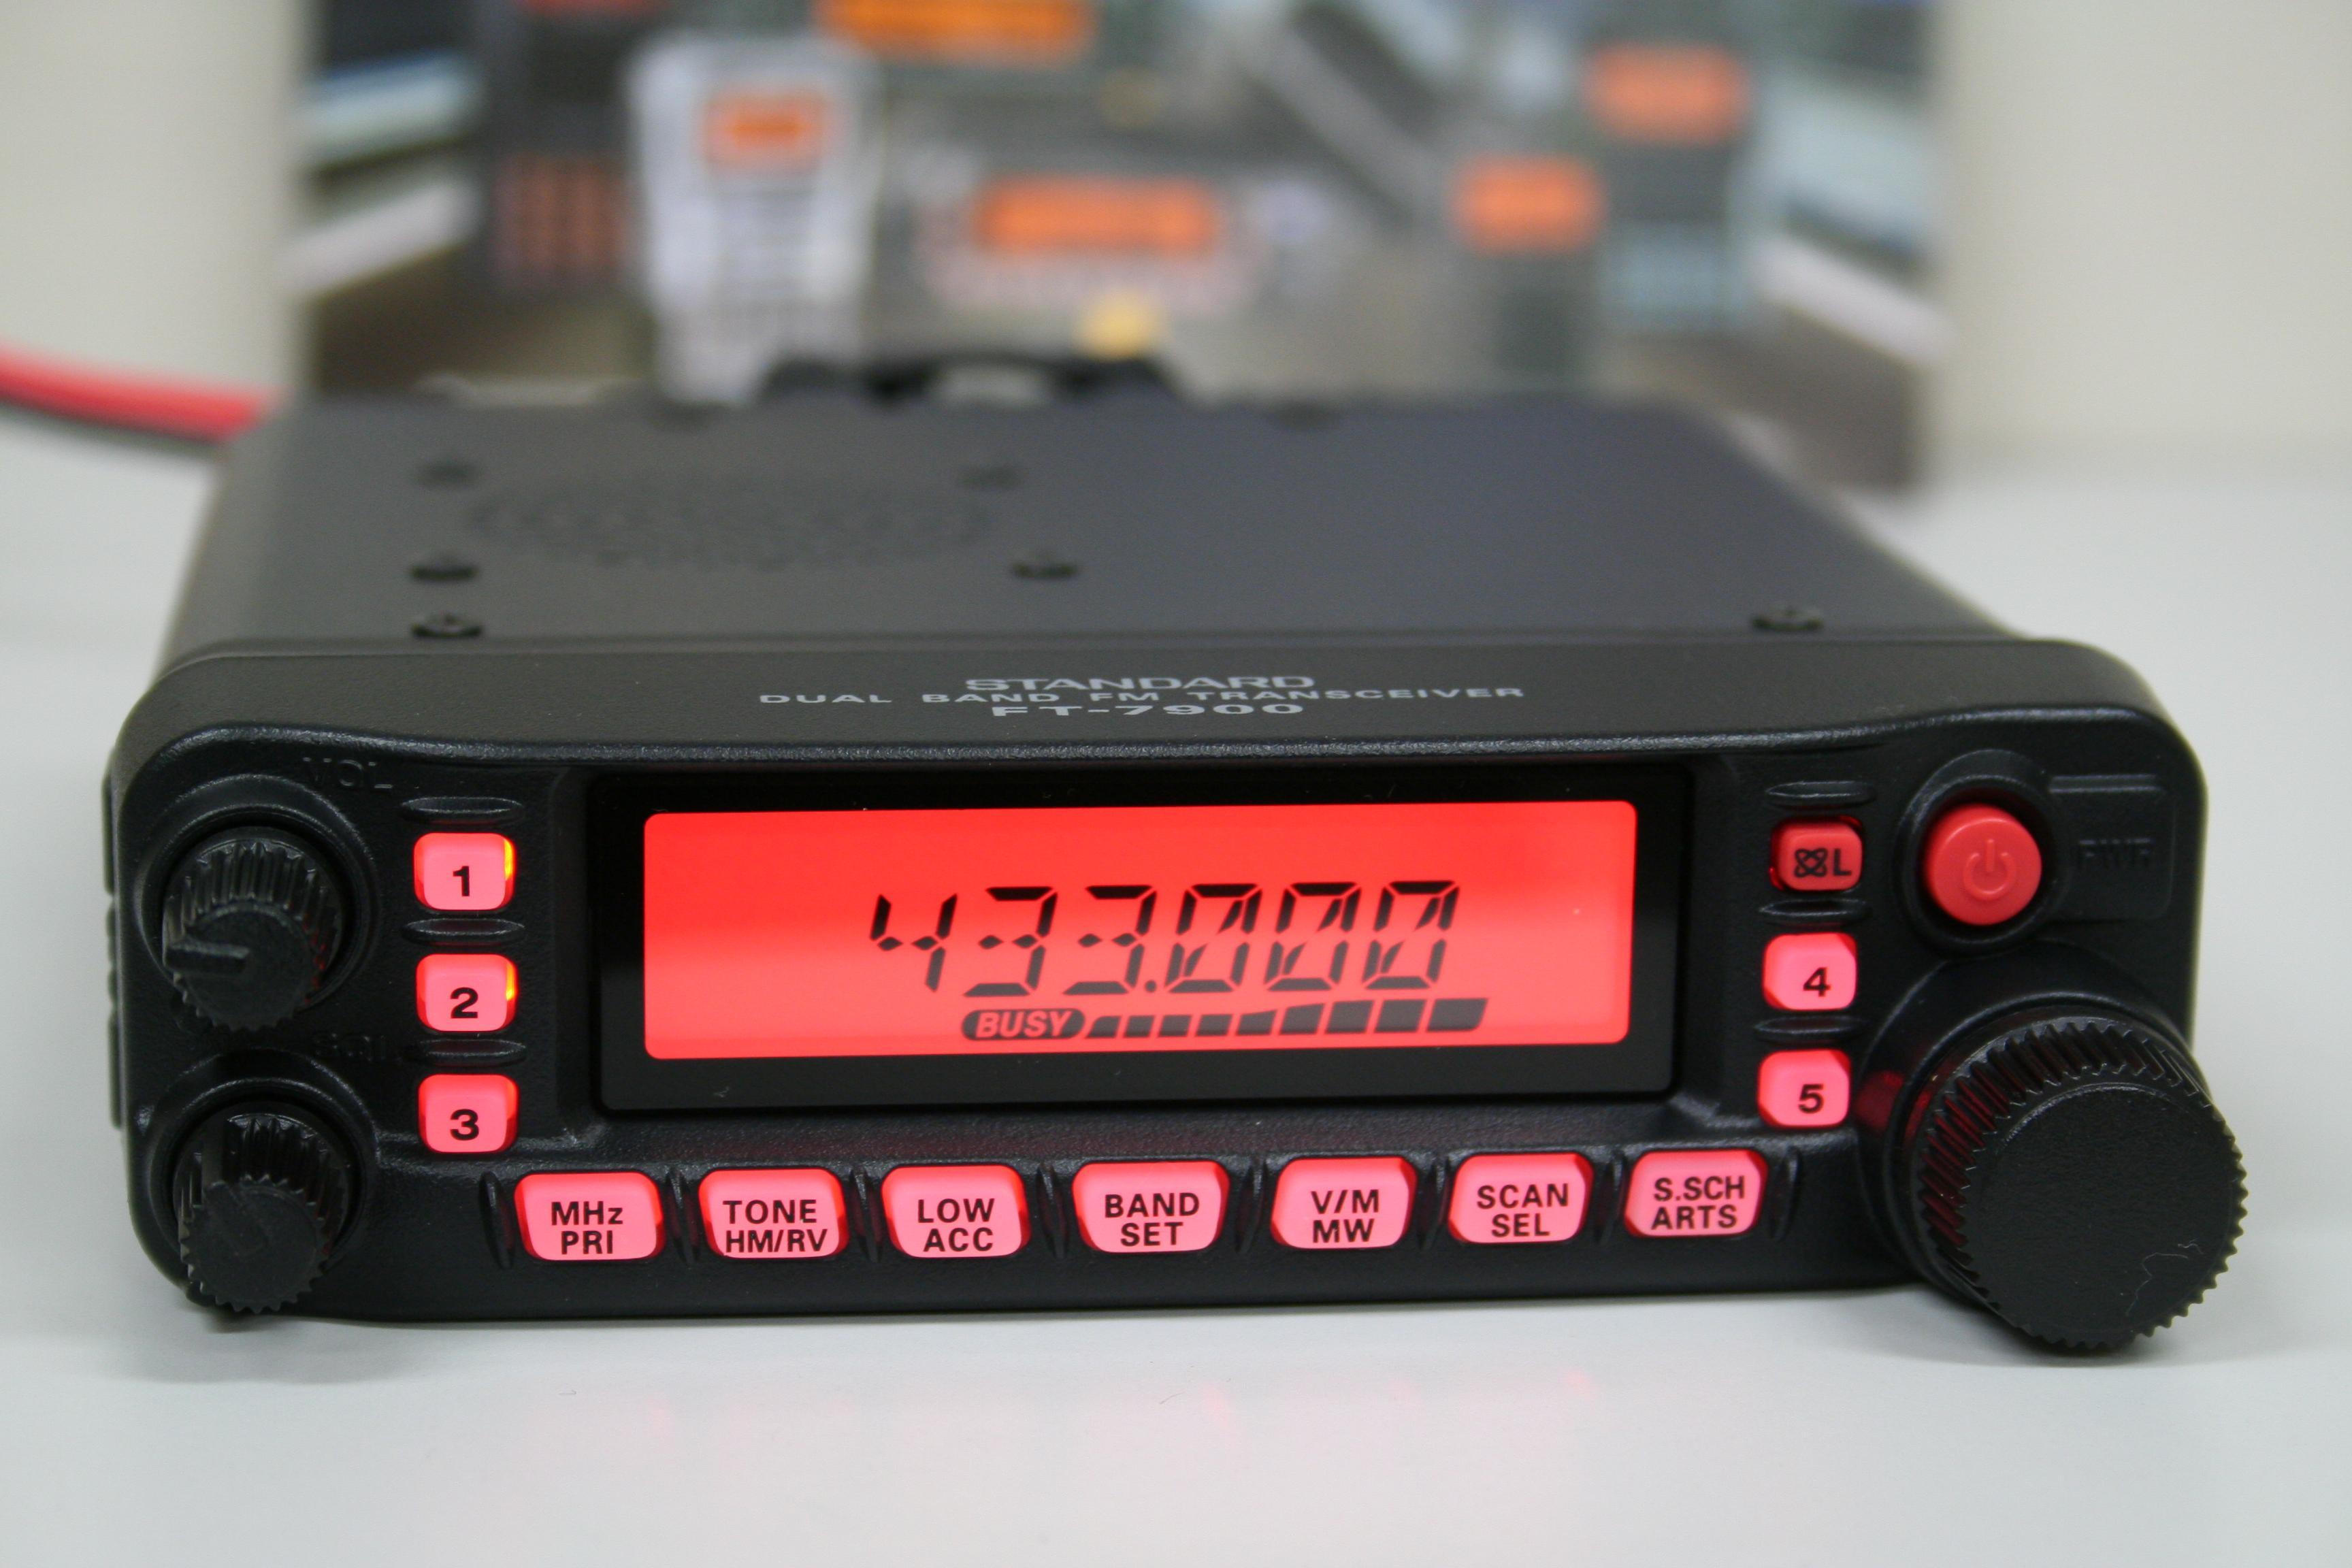 FT-7900H